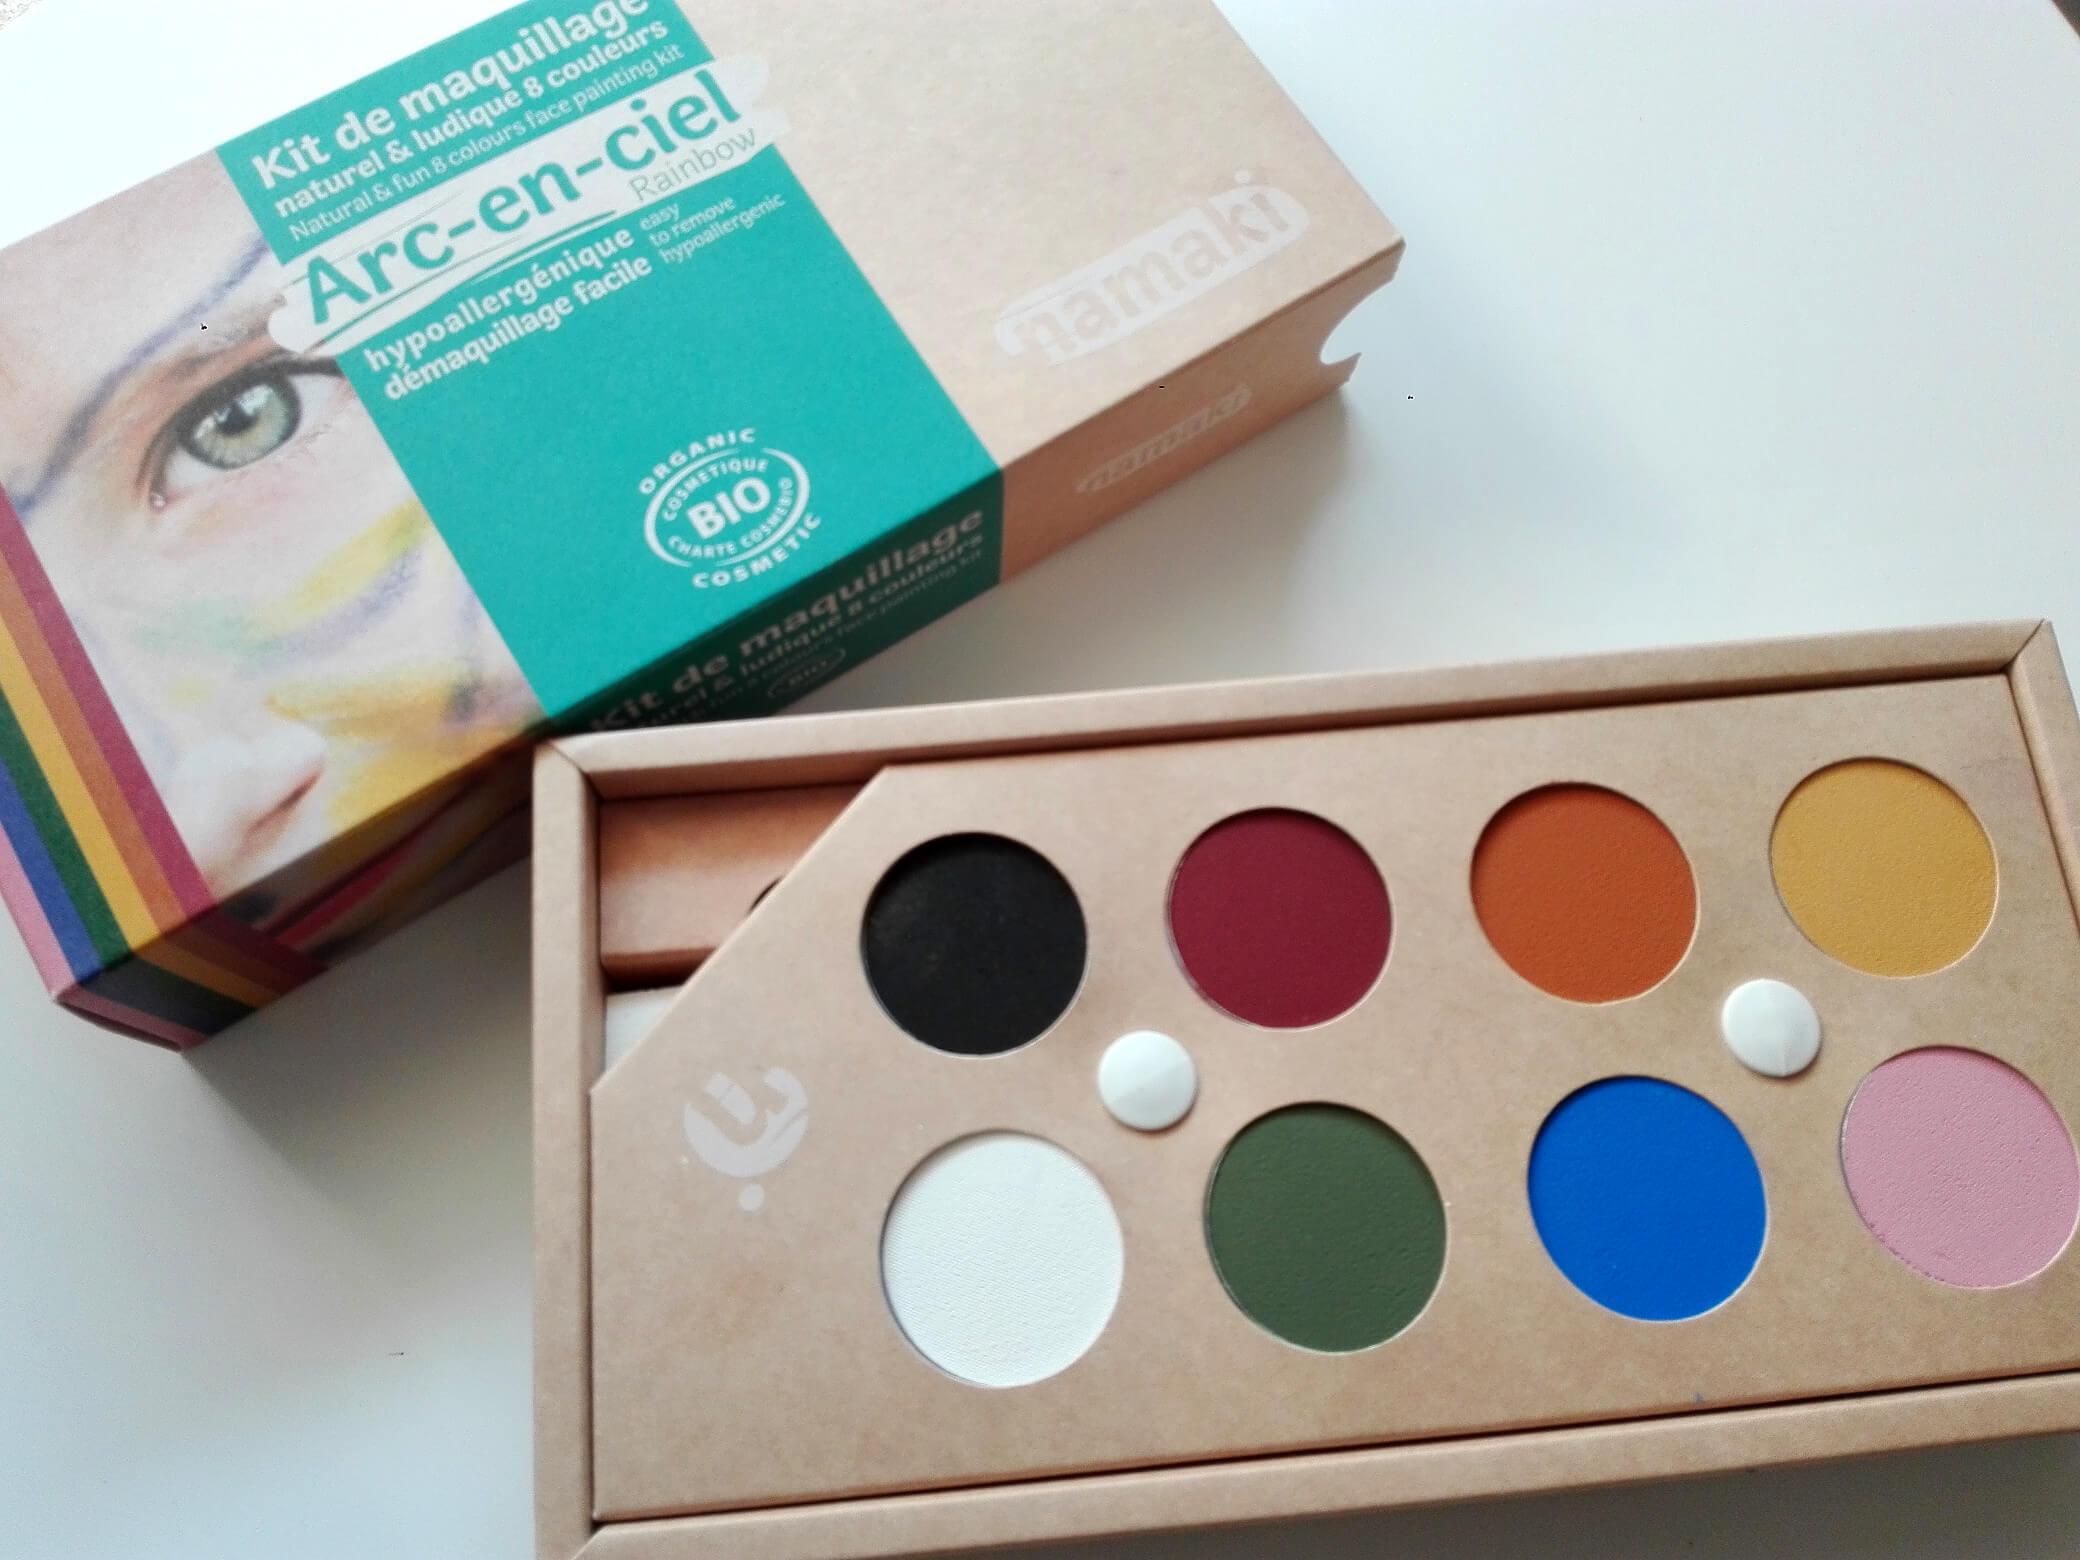 kit-de-maquillage